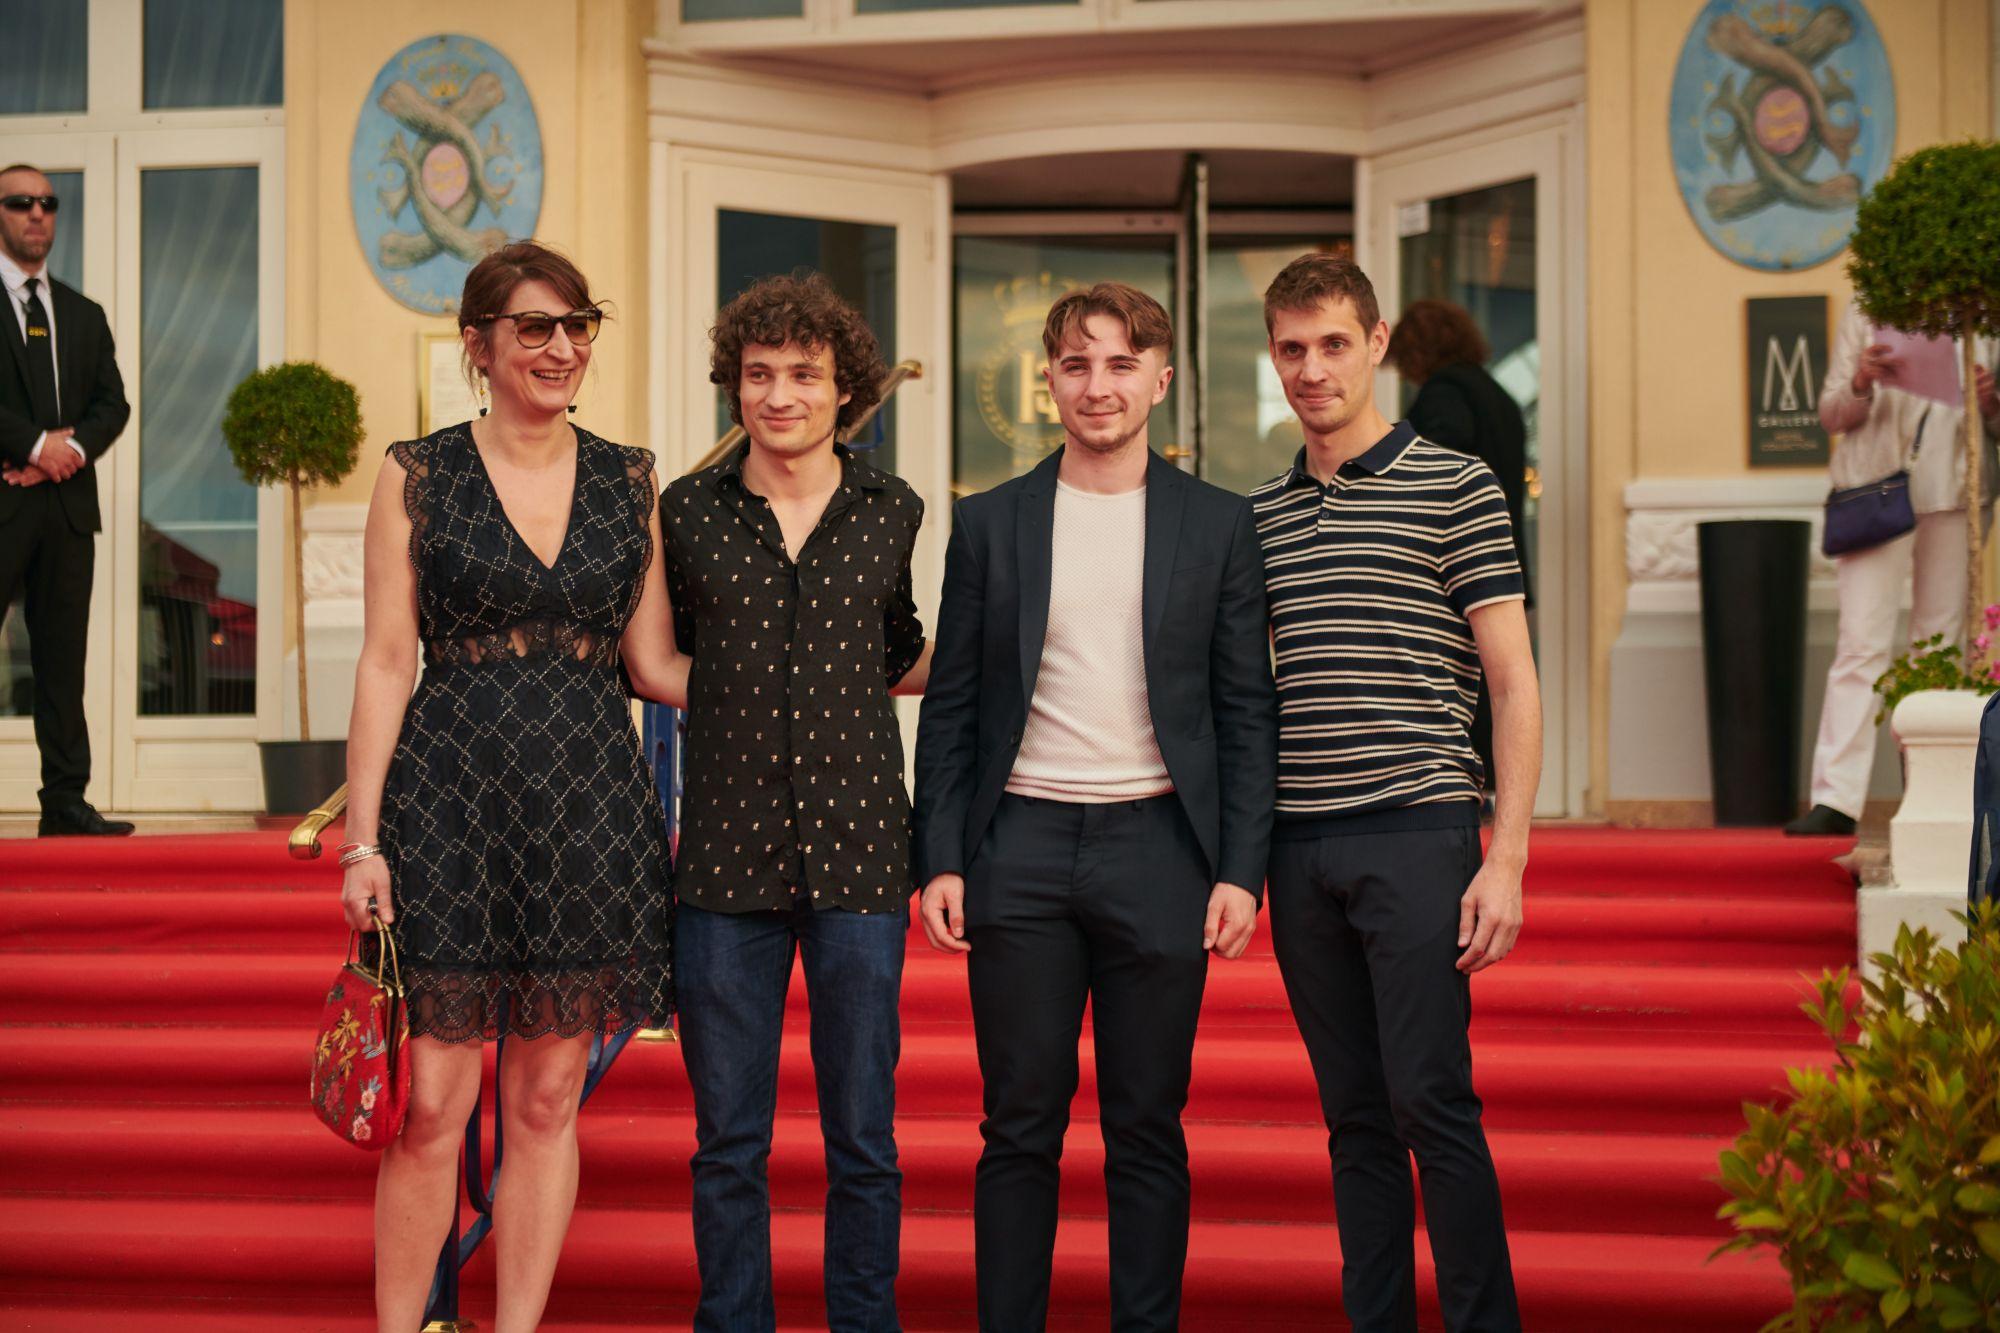 Géraldine Amgar, Quentin Dolmaire (acteur), Tobias Nuytten (acteur) et Thomas Petit (réalisateur)  Chemise : Azzaro (Quentin Dolmaire)